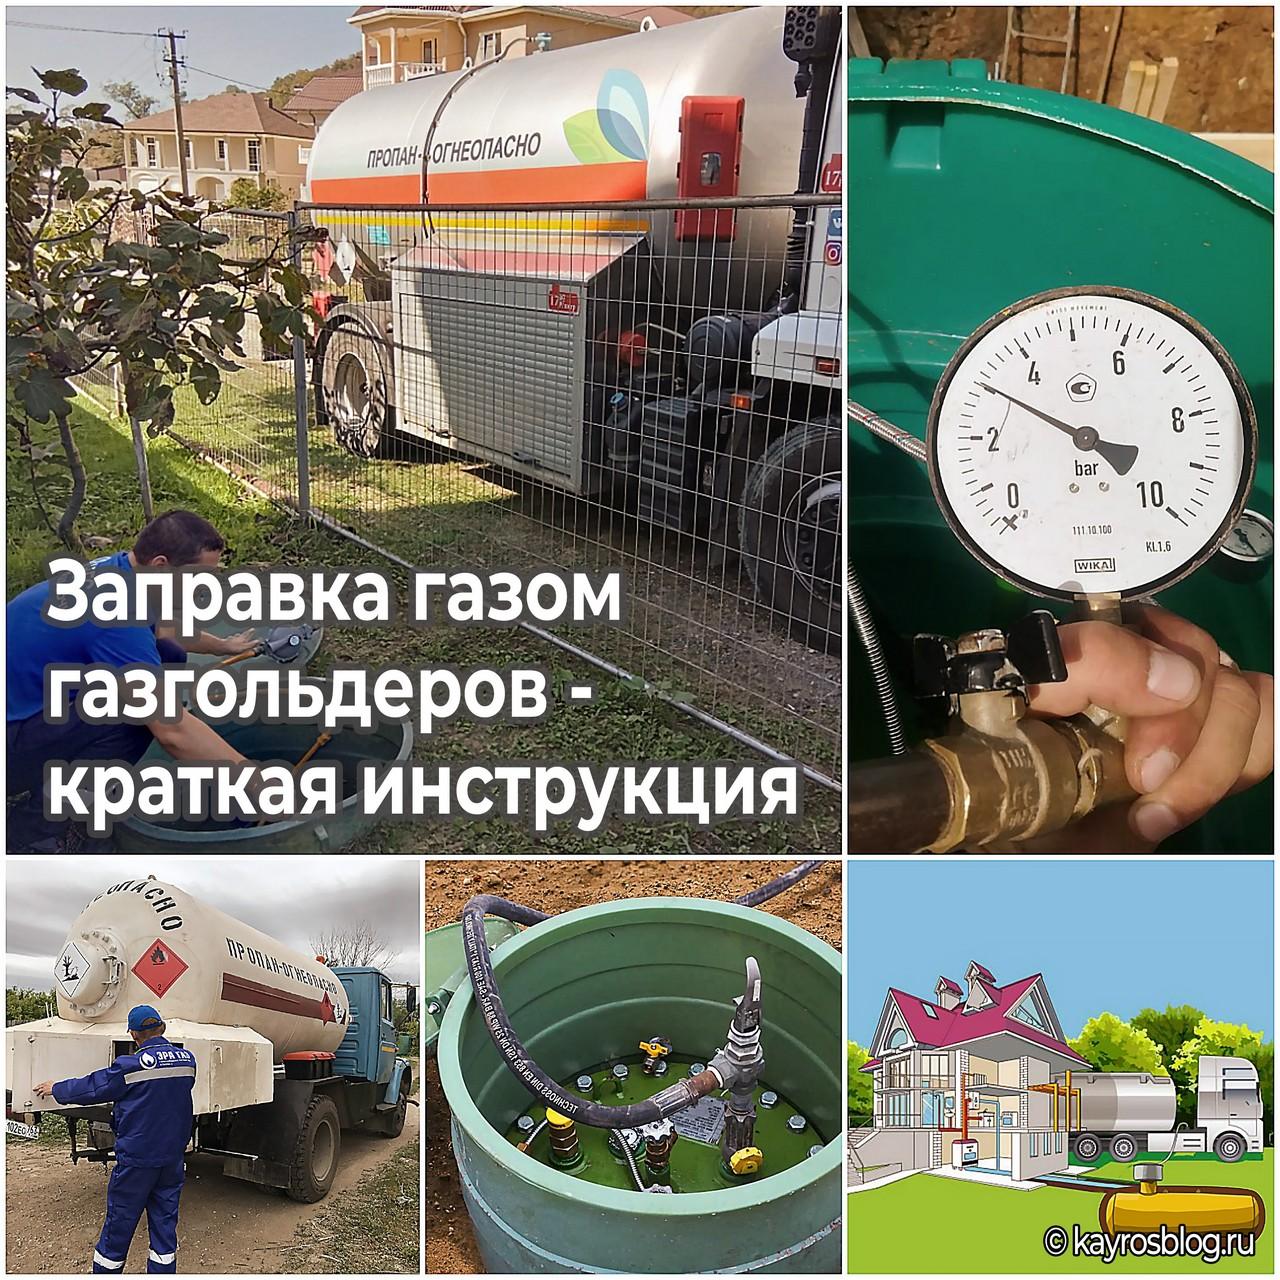 Заправка газом газгольдеров - краткая инструкция